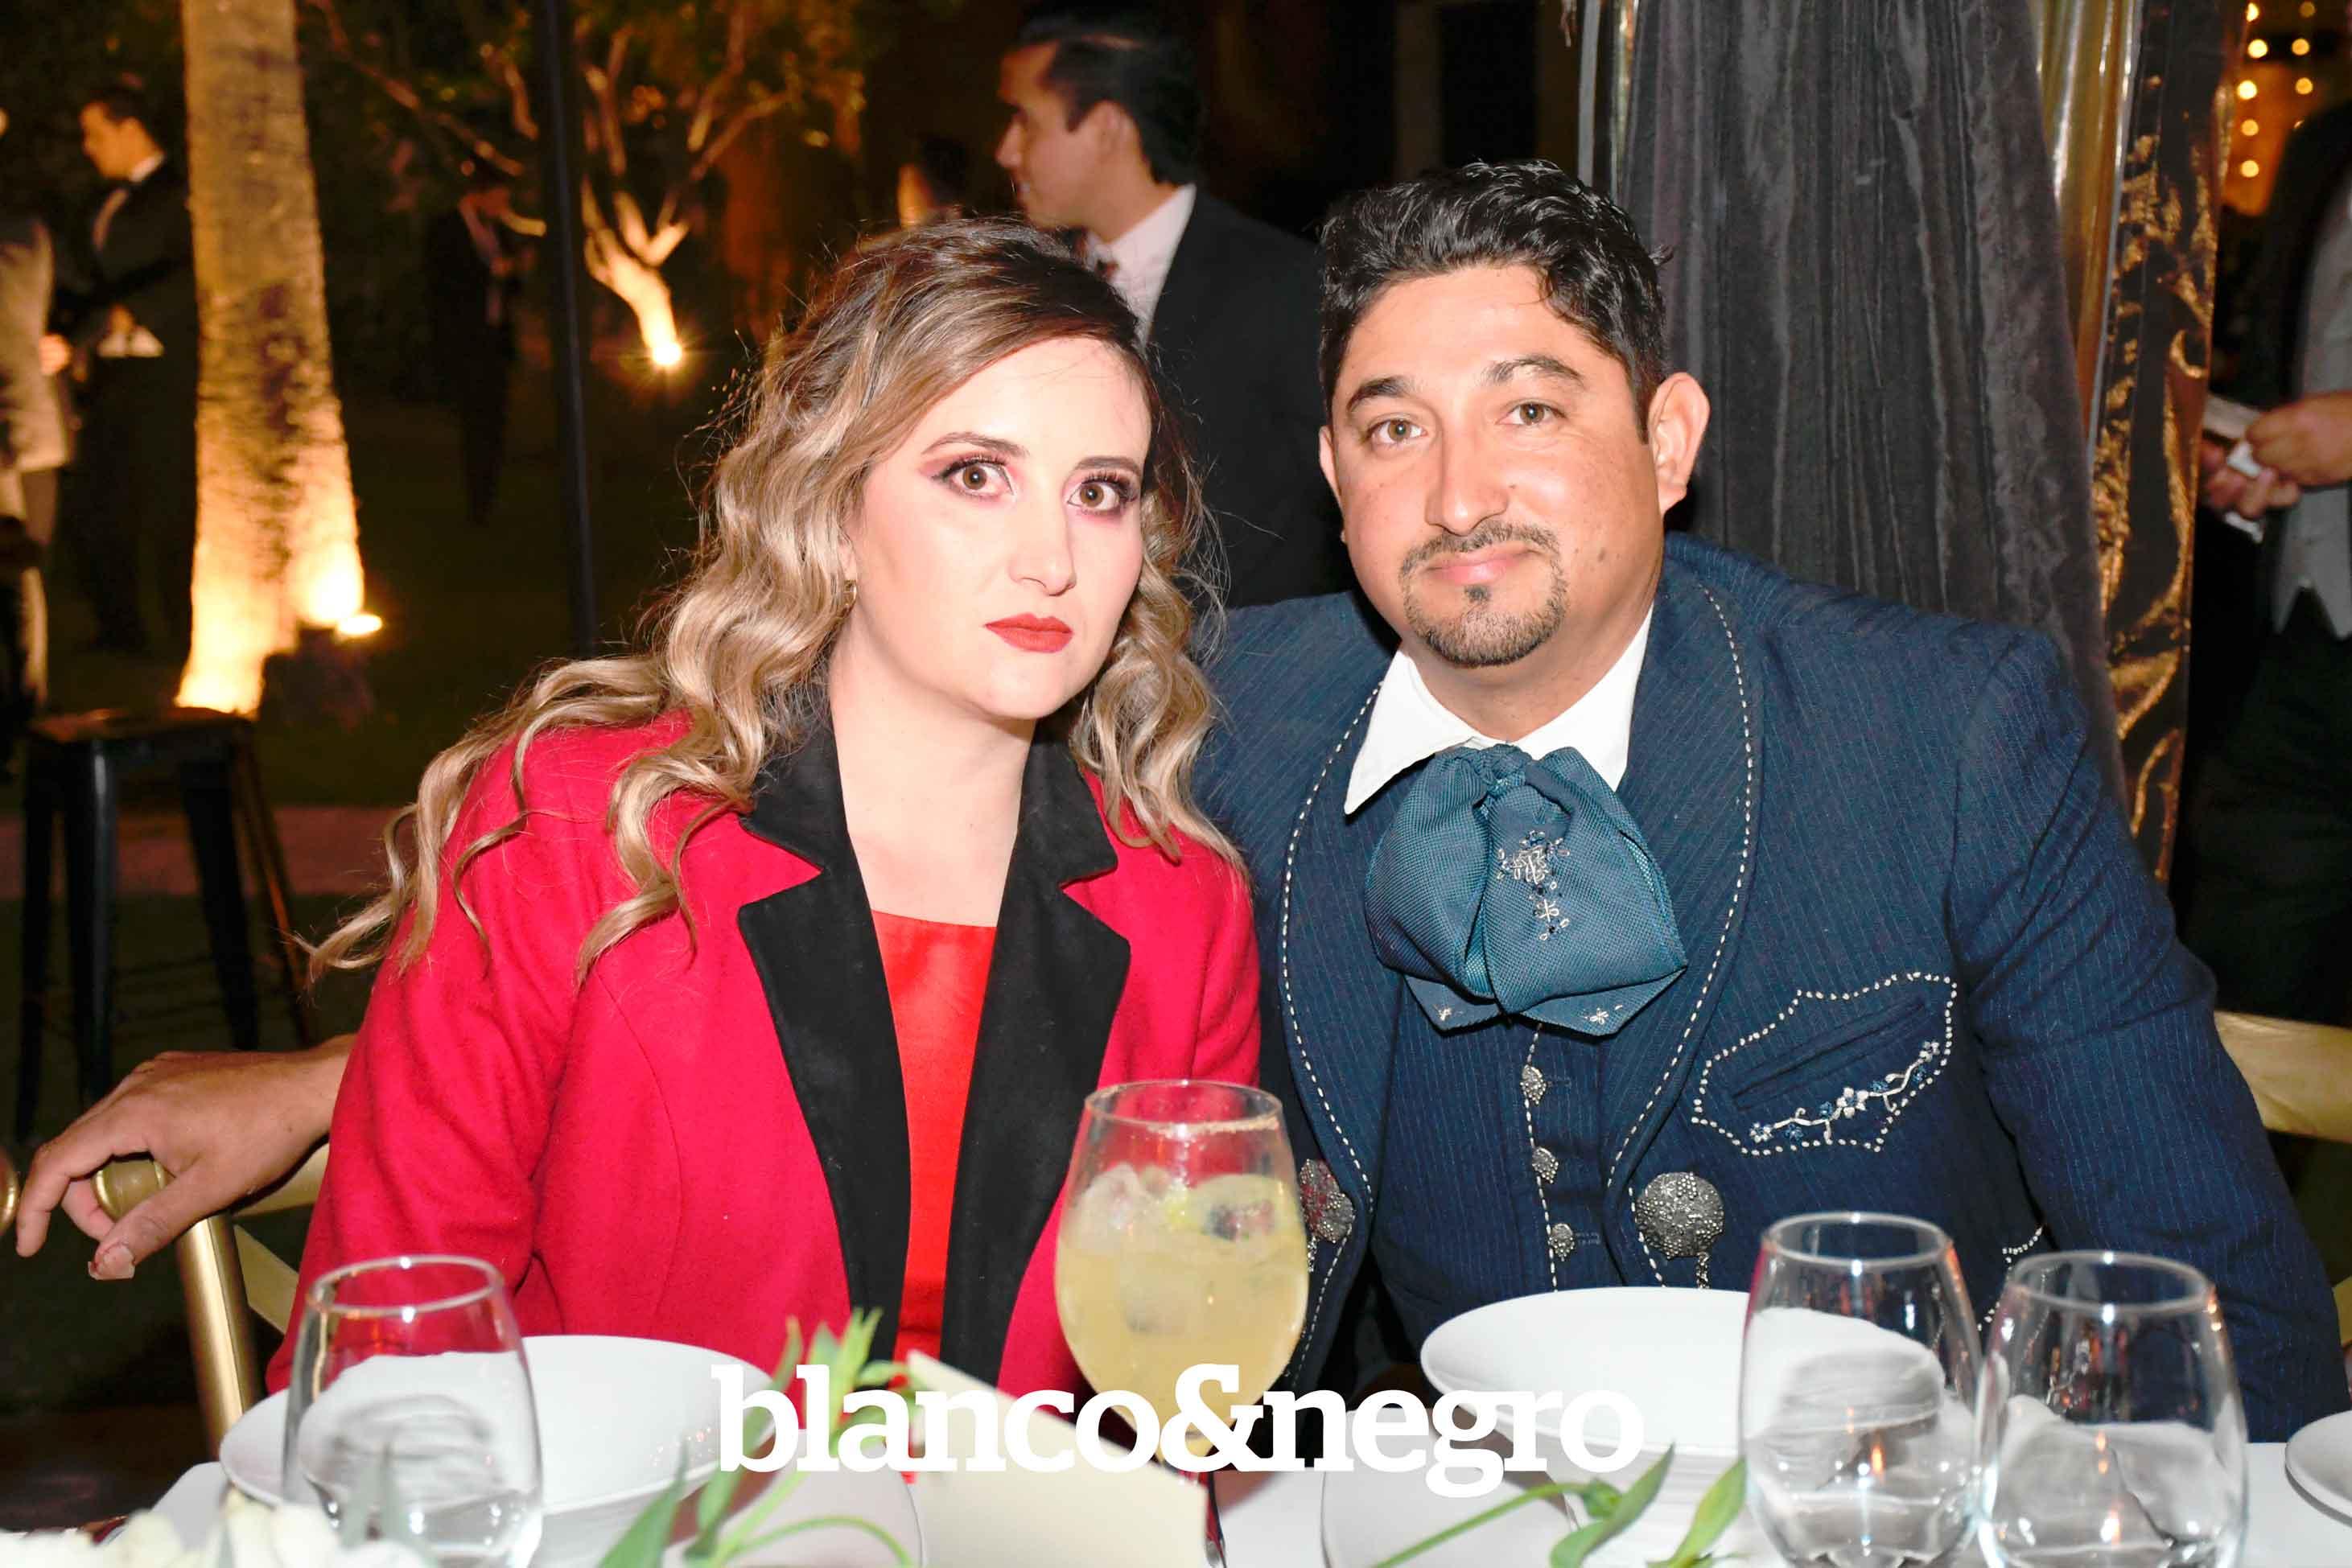 Ana-Carrillo-&-Luis-de-Loera-143